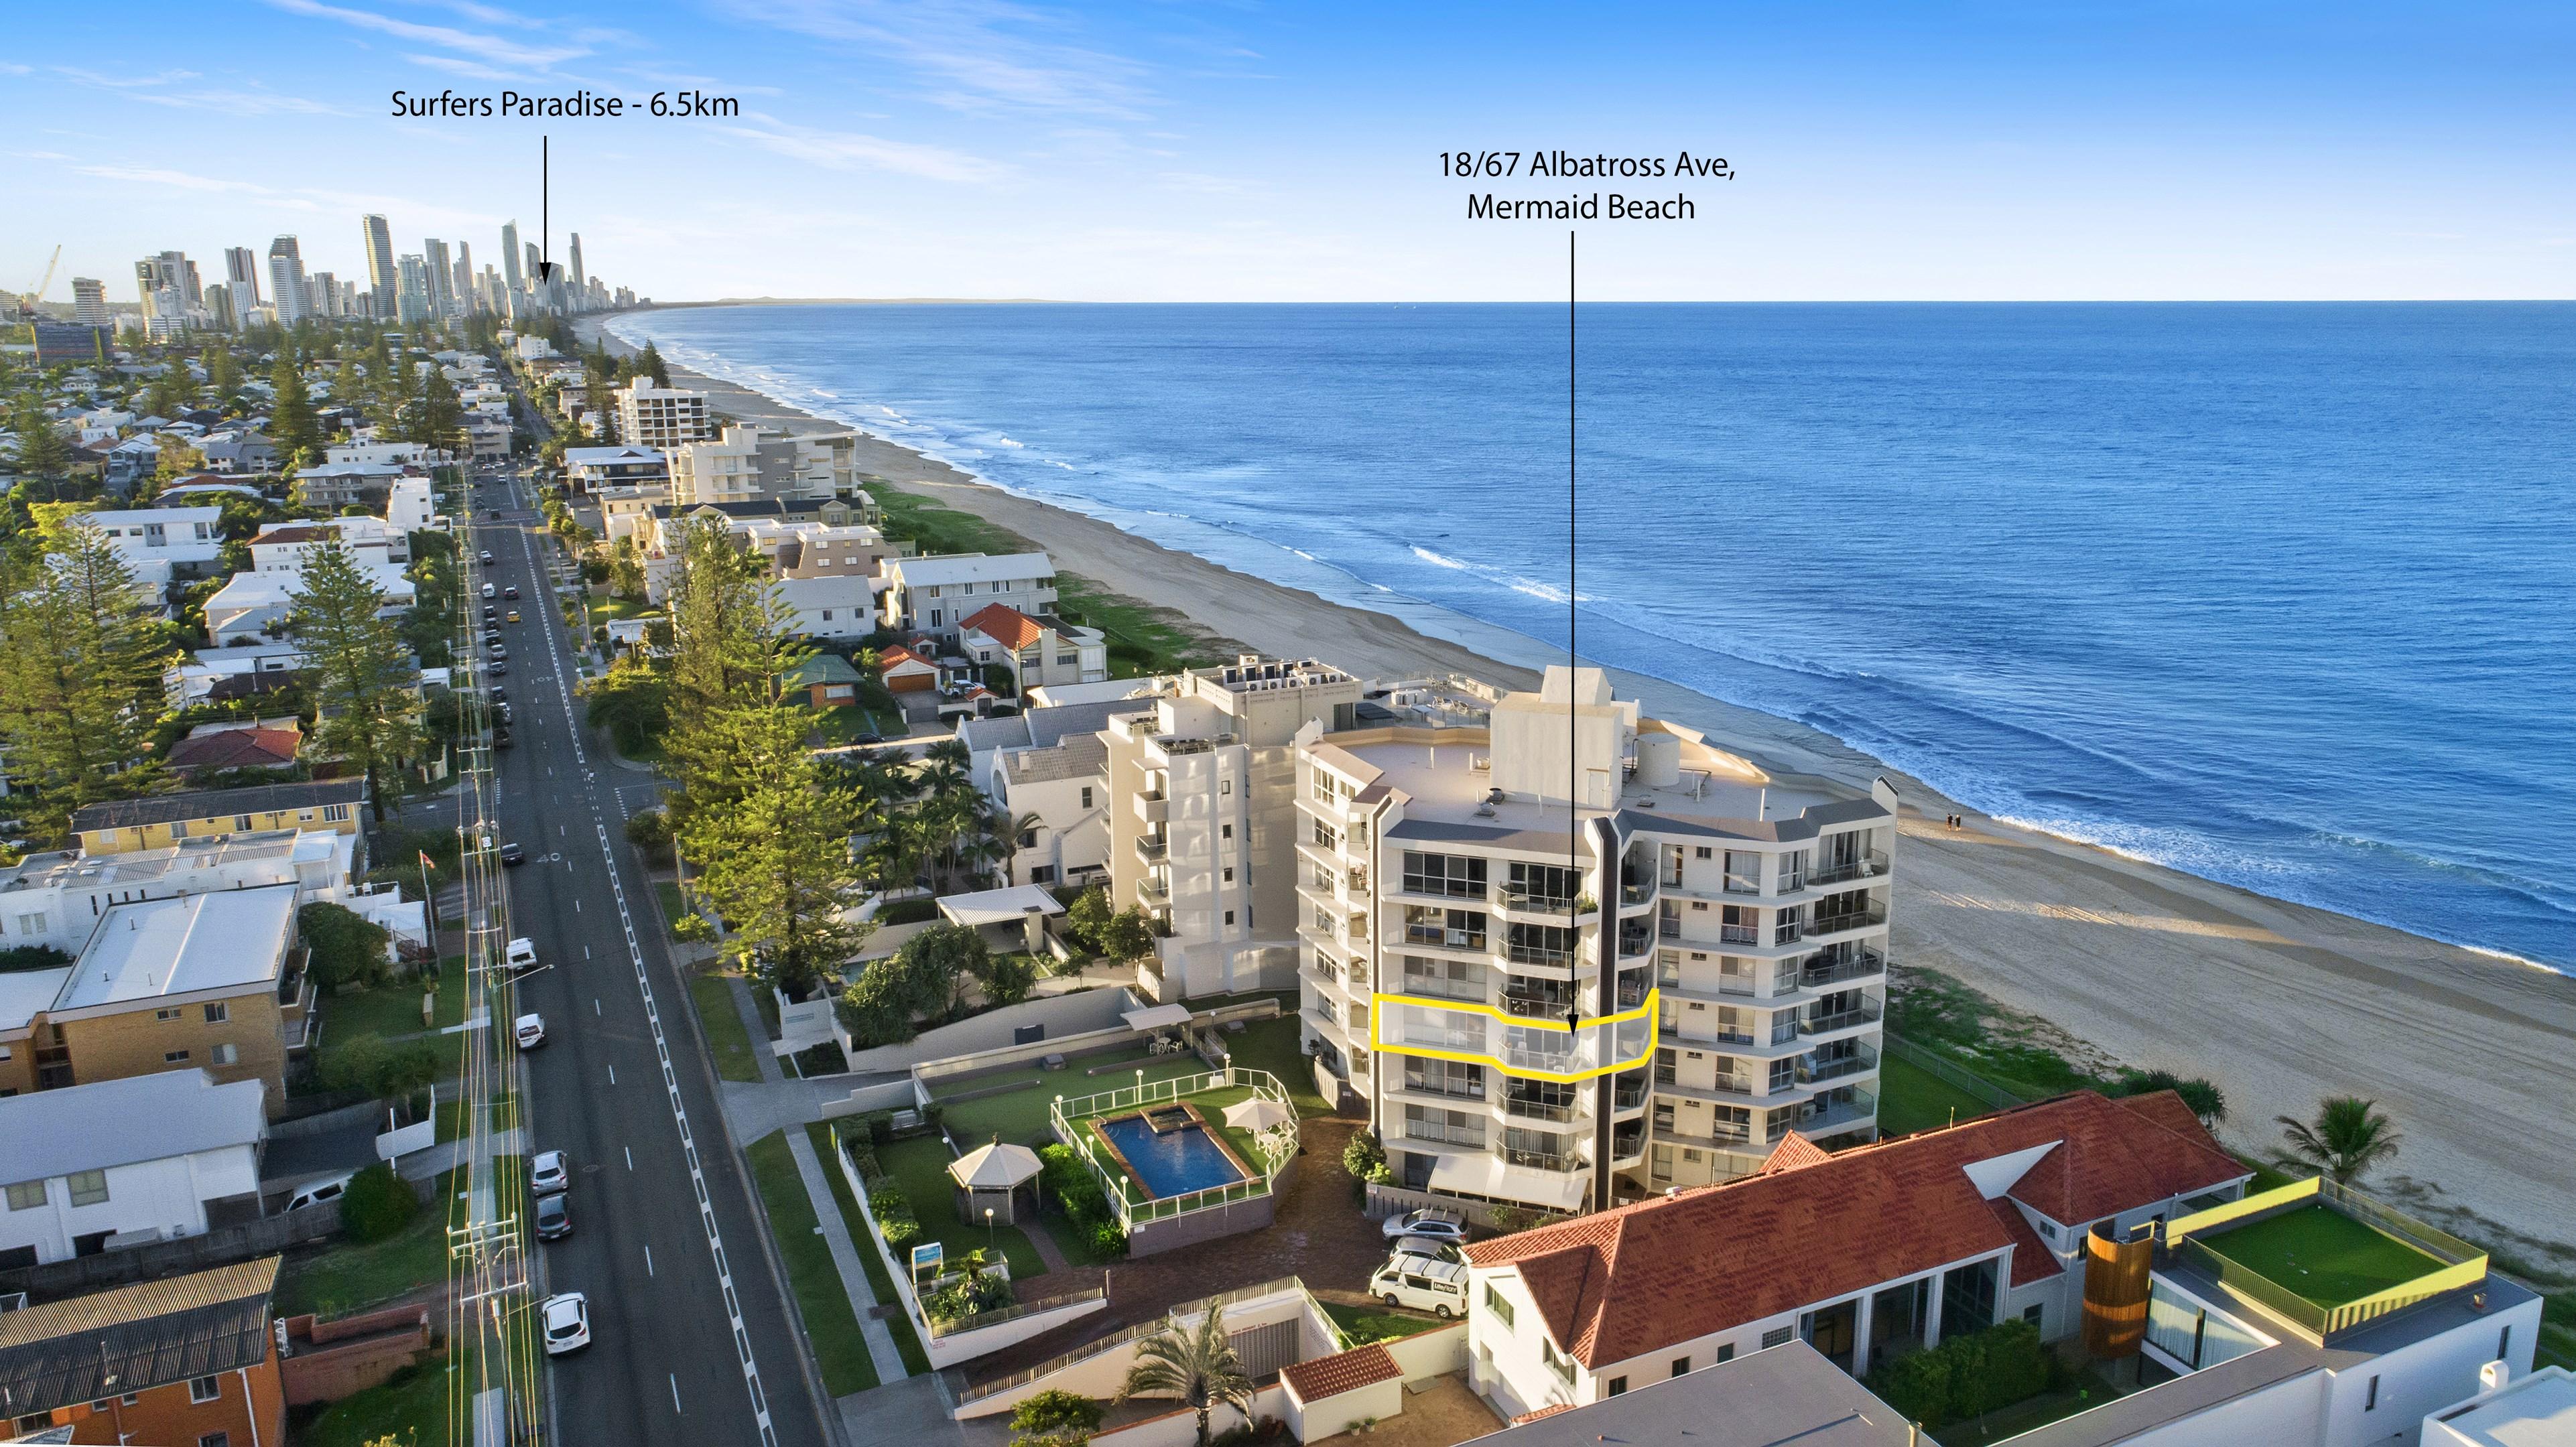 18/67-71 Albatross Avenue, Mermaid Beach QLD 4218 - Apartment For